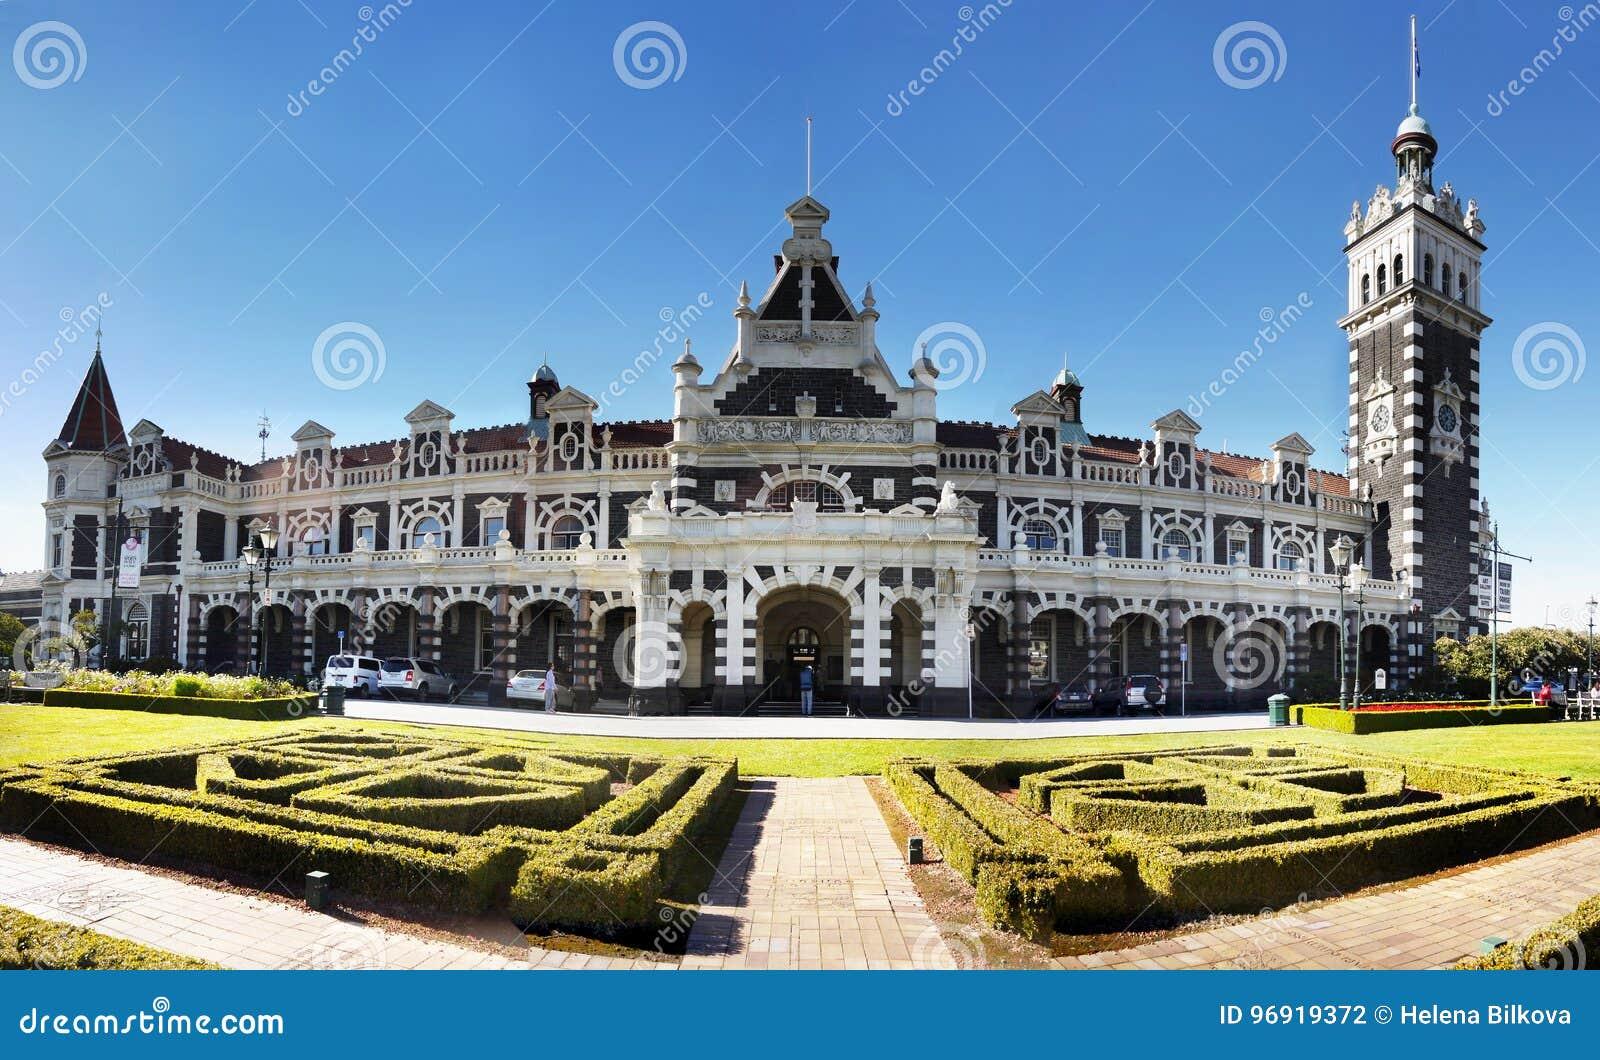 Nova Zelândia, Dunedin, estação de trem histórica